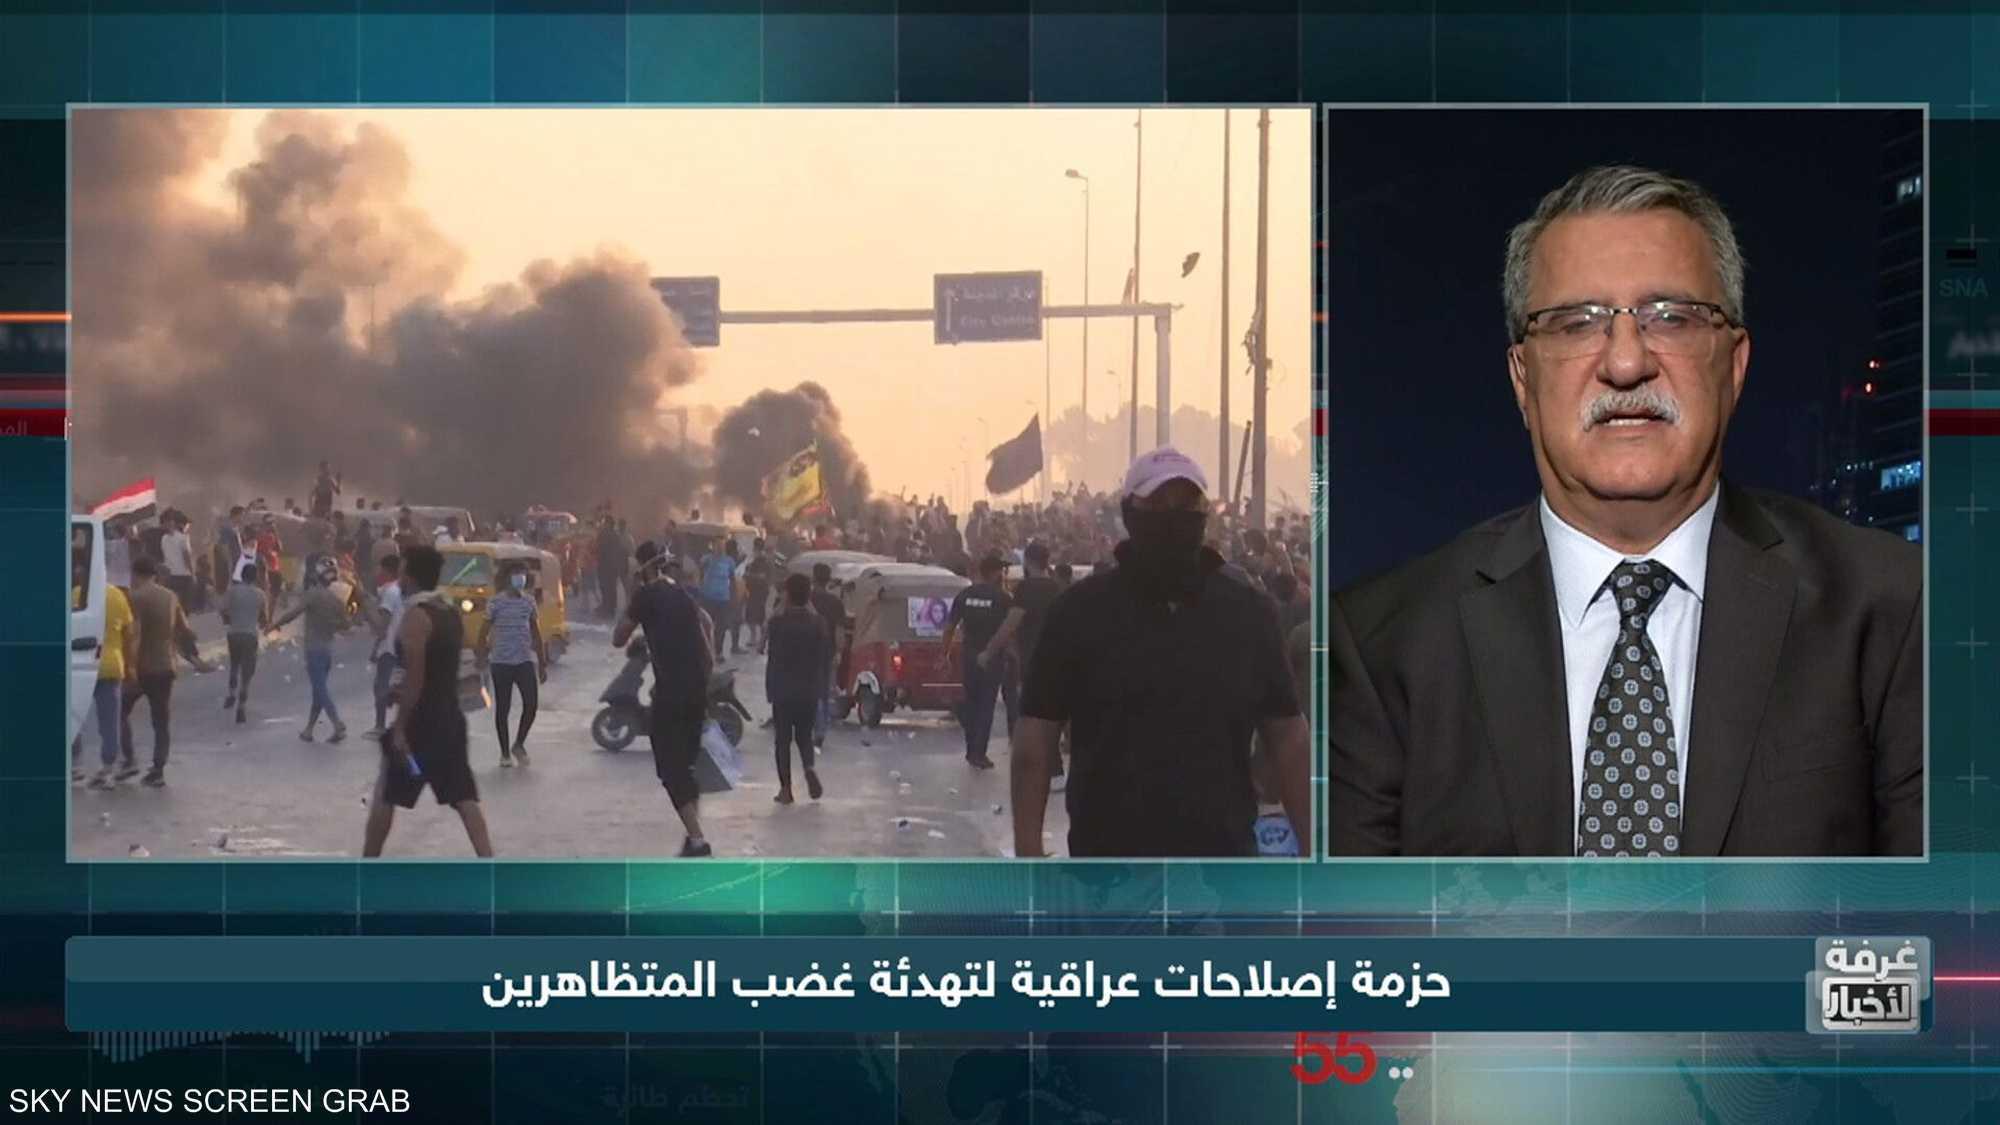 حزمة إصلاحات عراقية لتهدئة غضب المتظاهرين